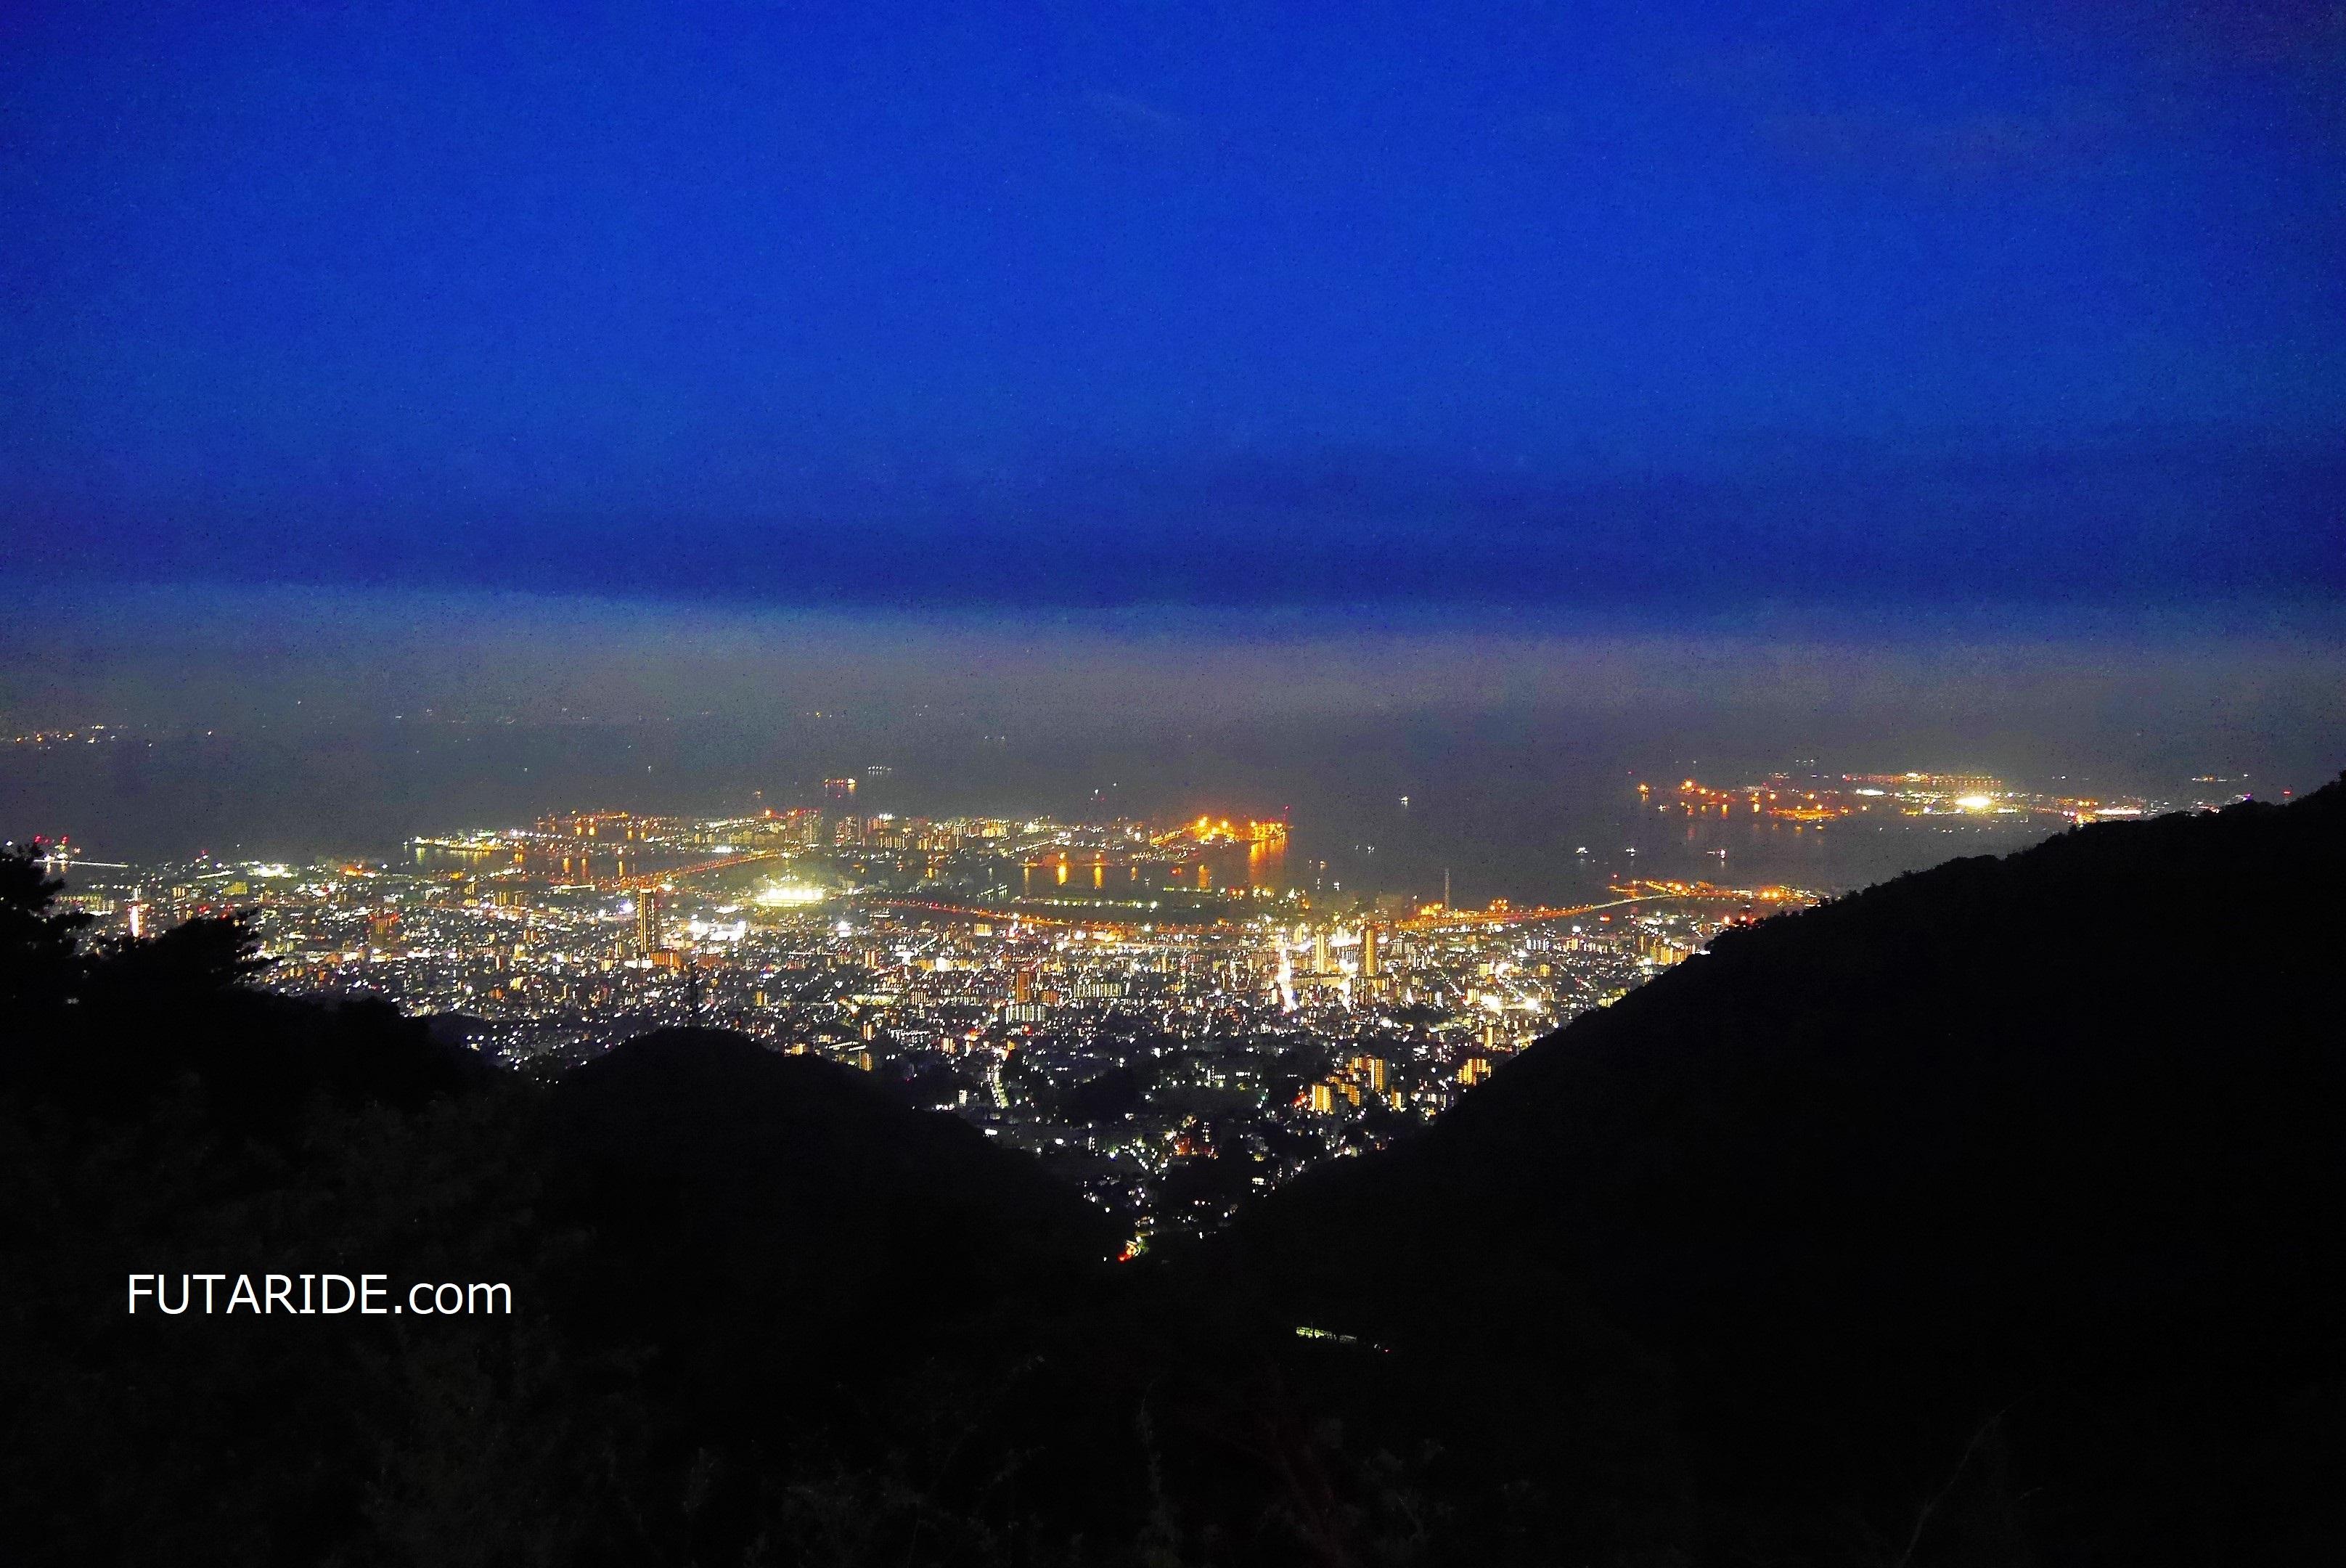 【夜景デート】六甲山の超穴場夜景スポット「鉢巻展望台」六甲山で夜景ならココが一番!